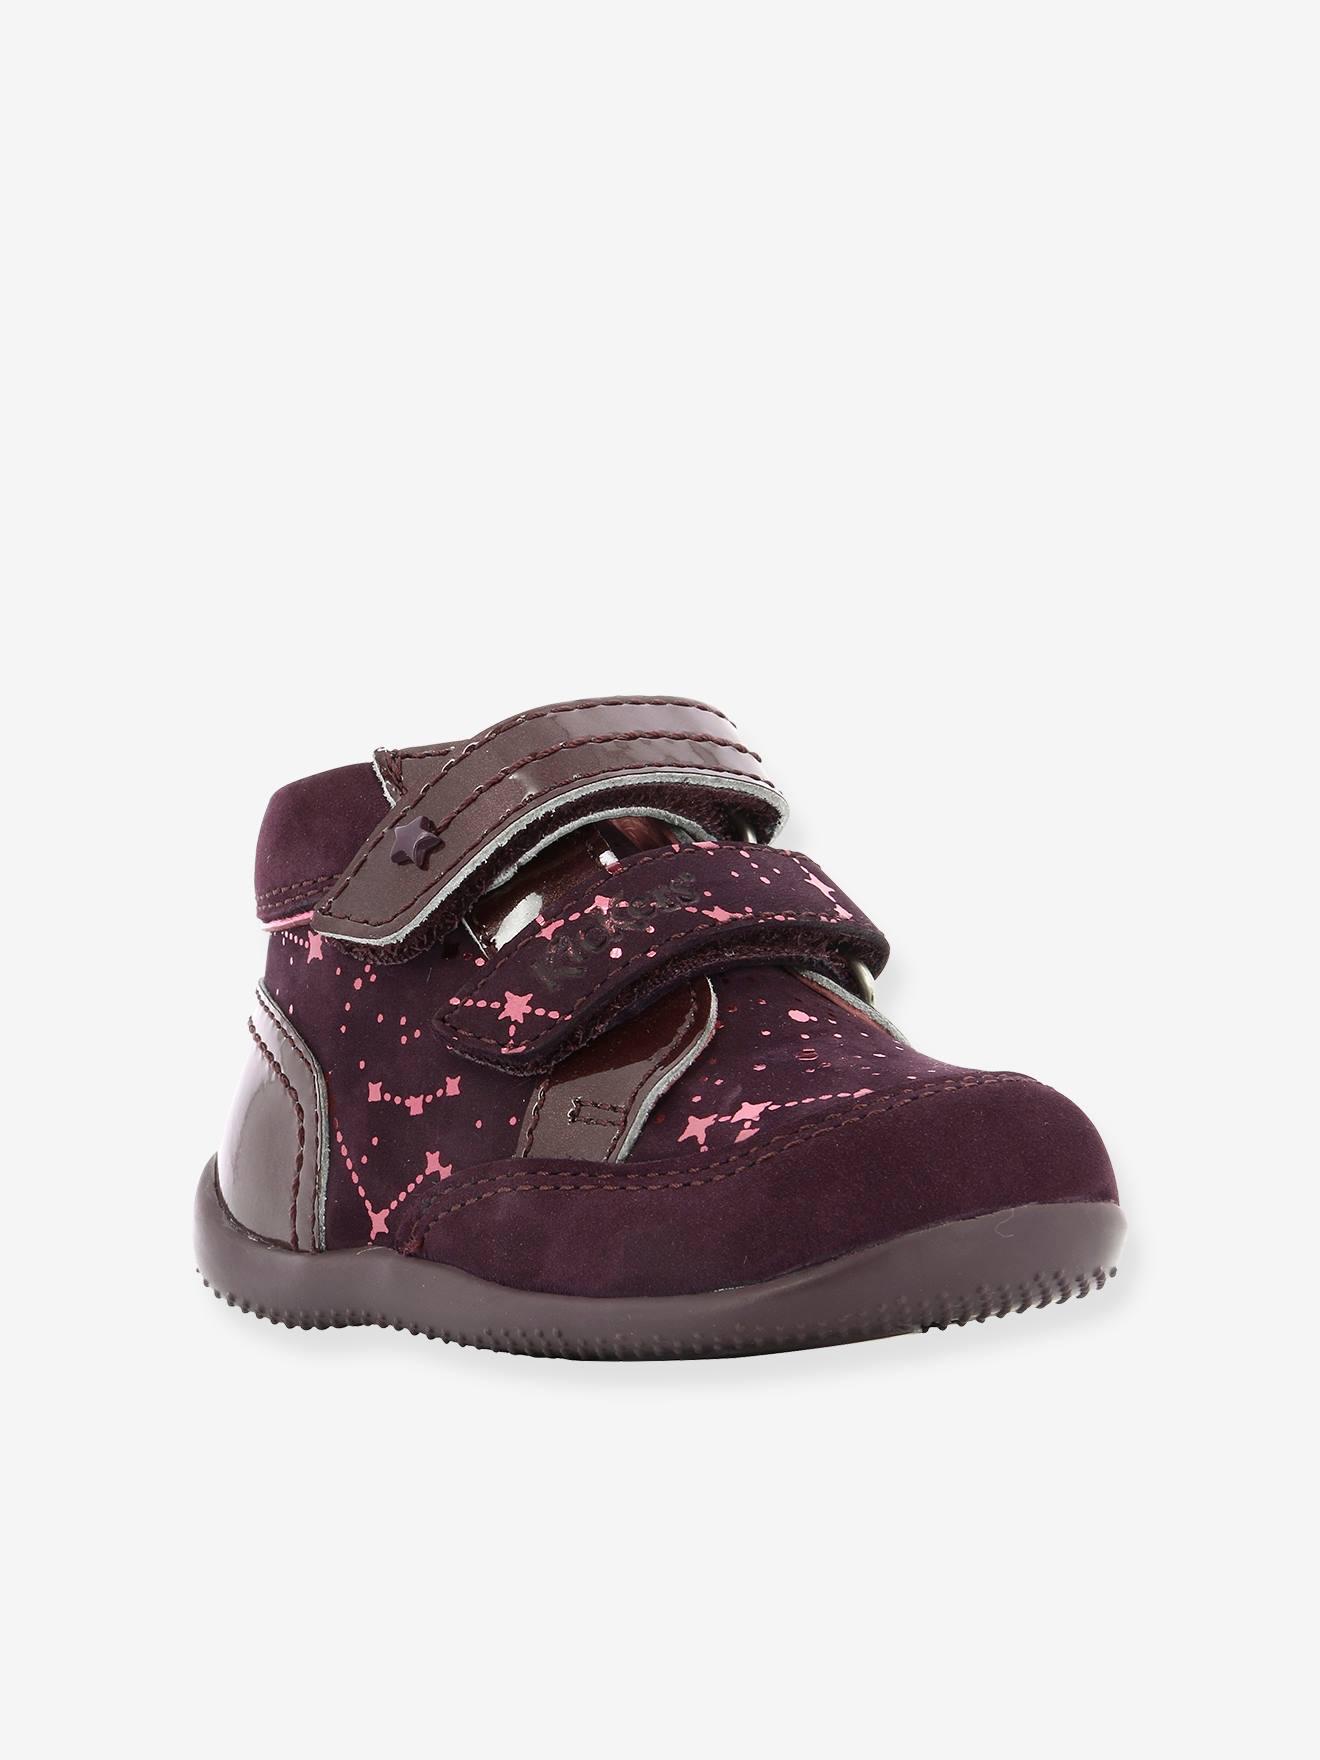 En De Chaussures amp; Kickers Bébé Enfants Magasin Enfant Chaussure nwOq814F